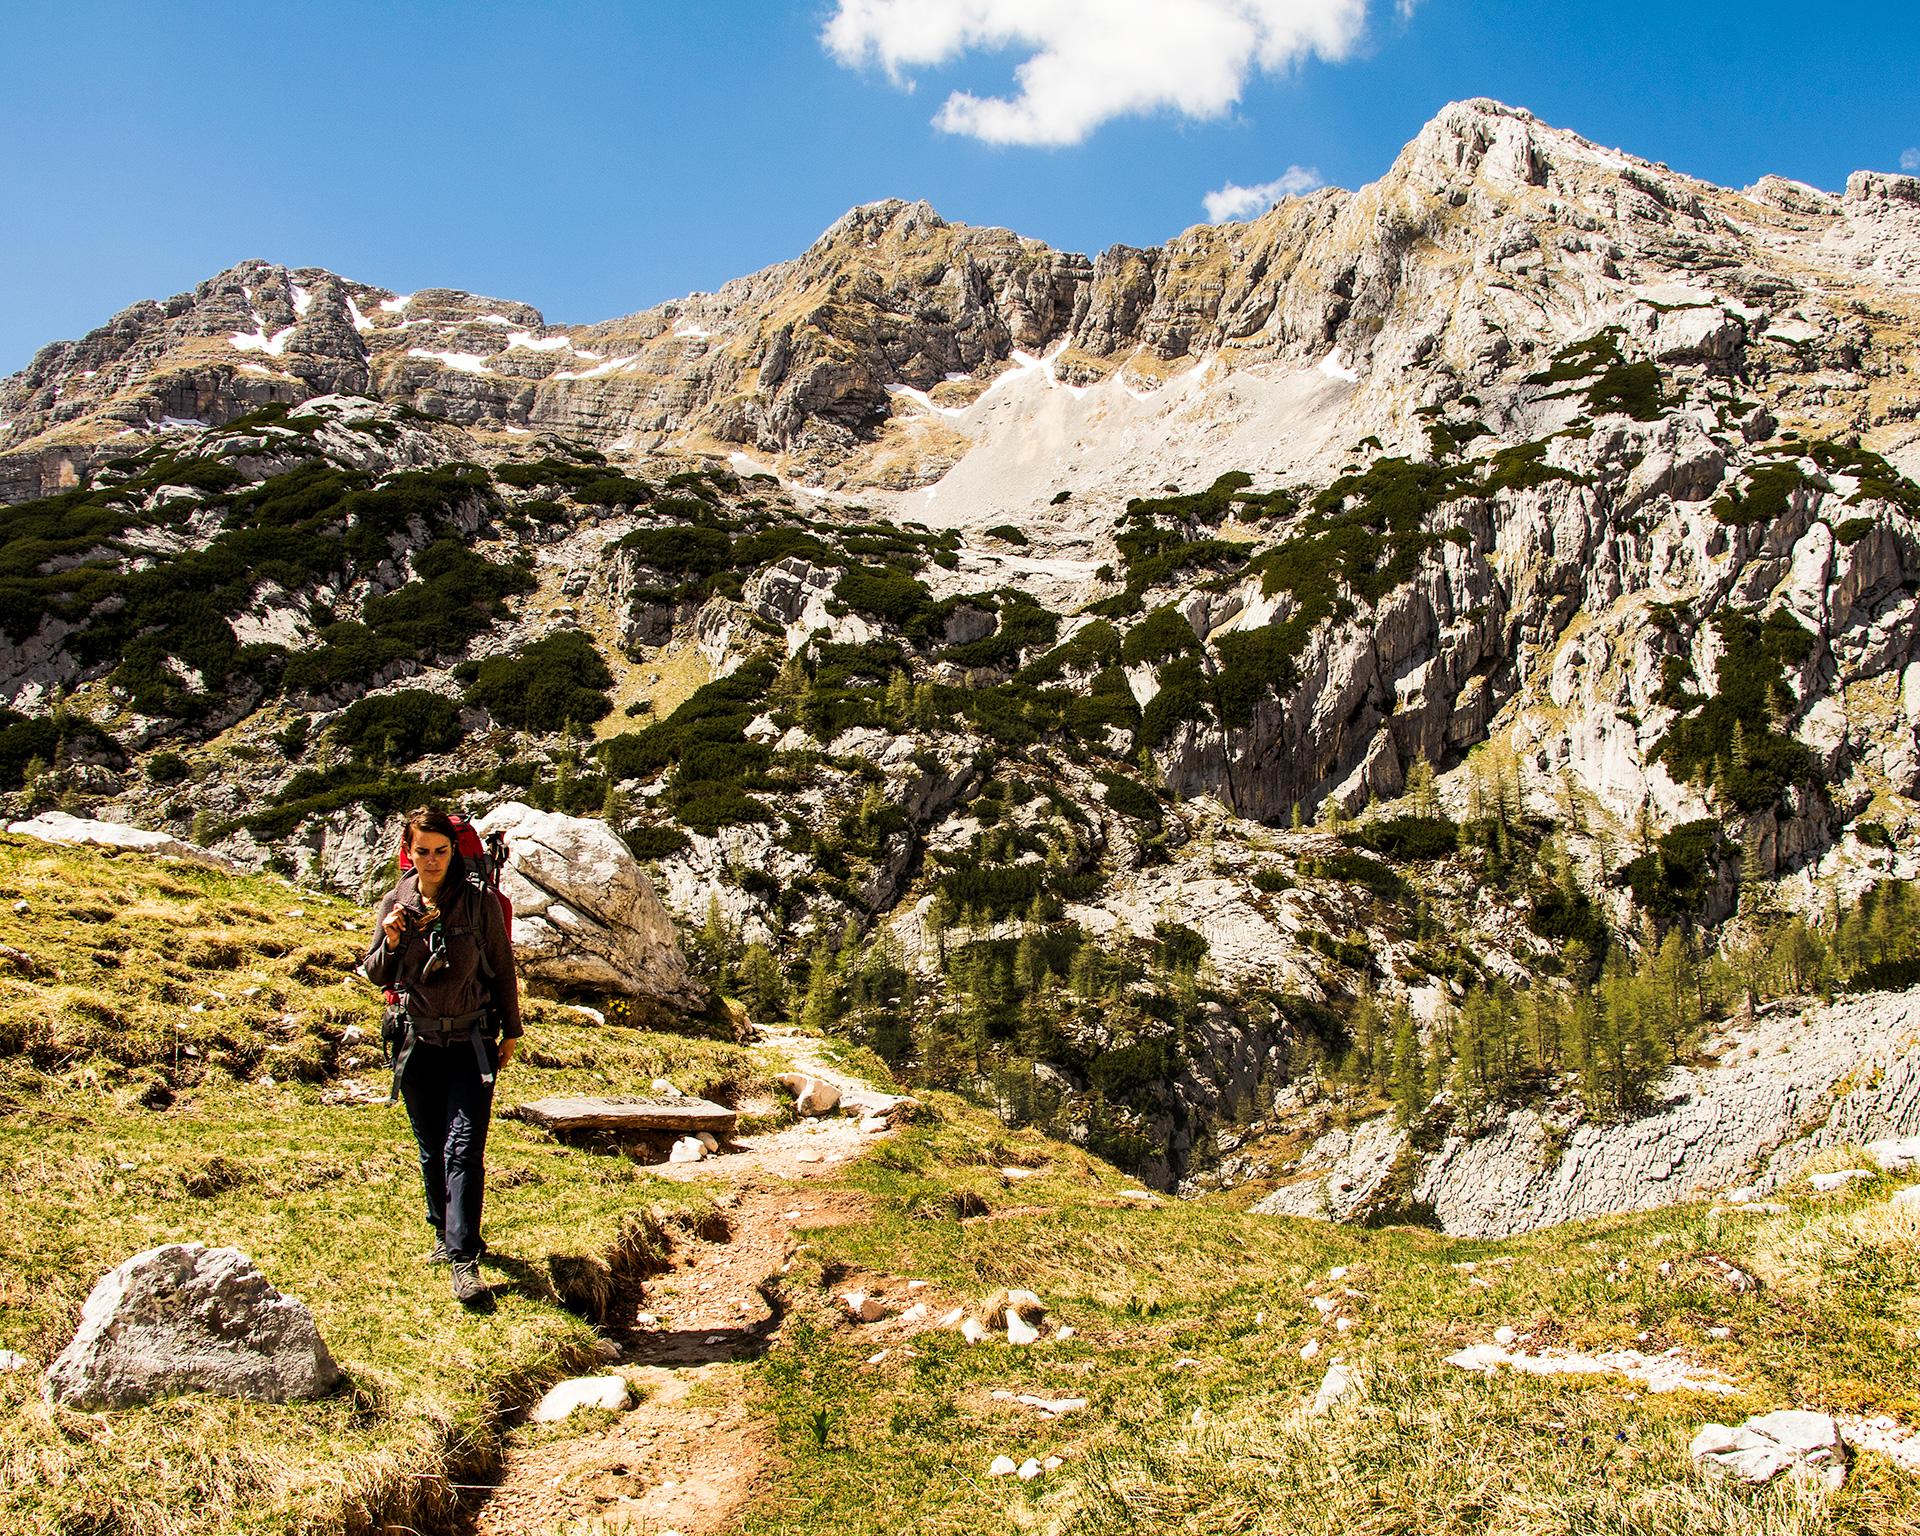 Woman hiking in the Julian Alps